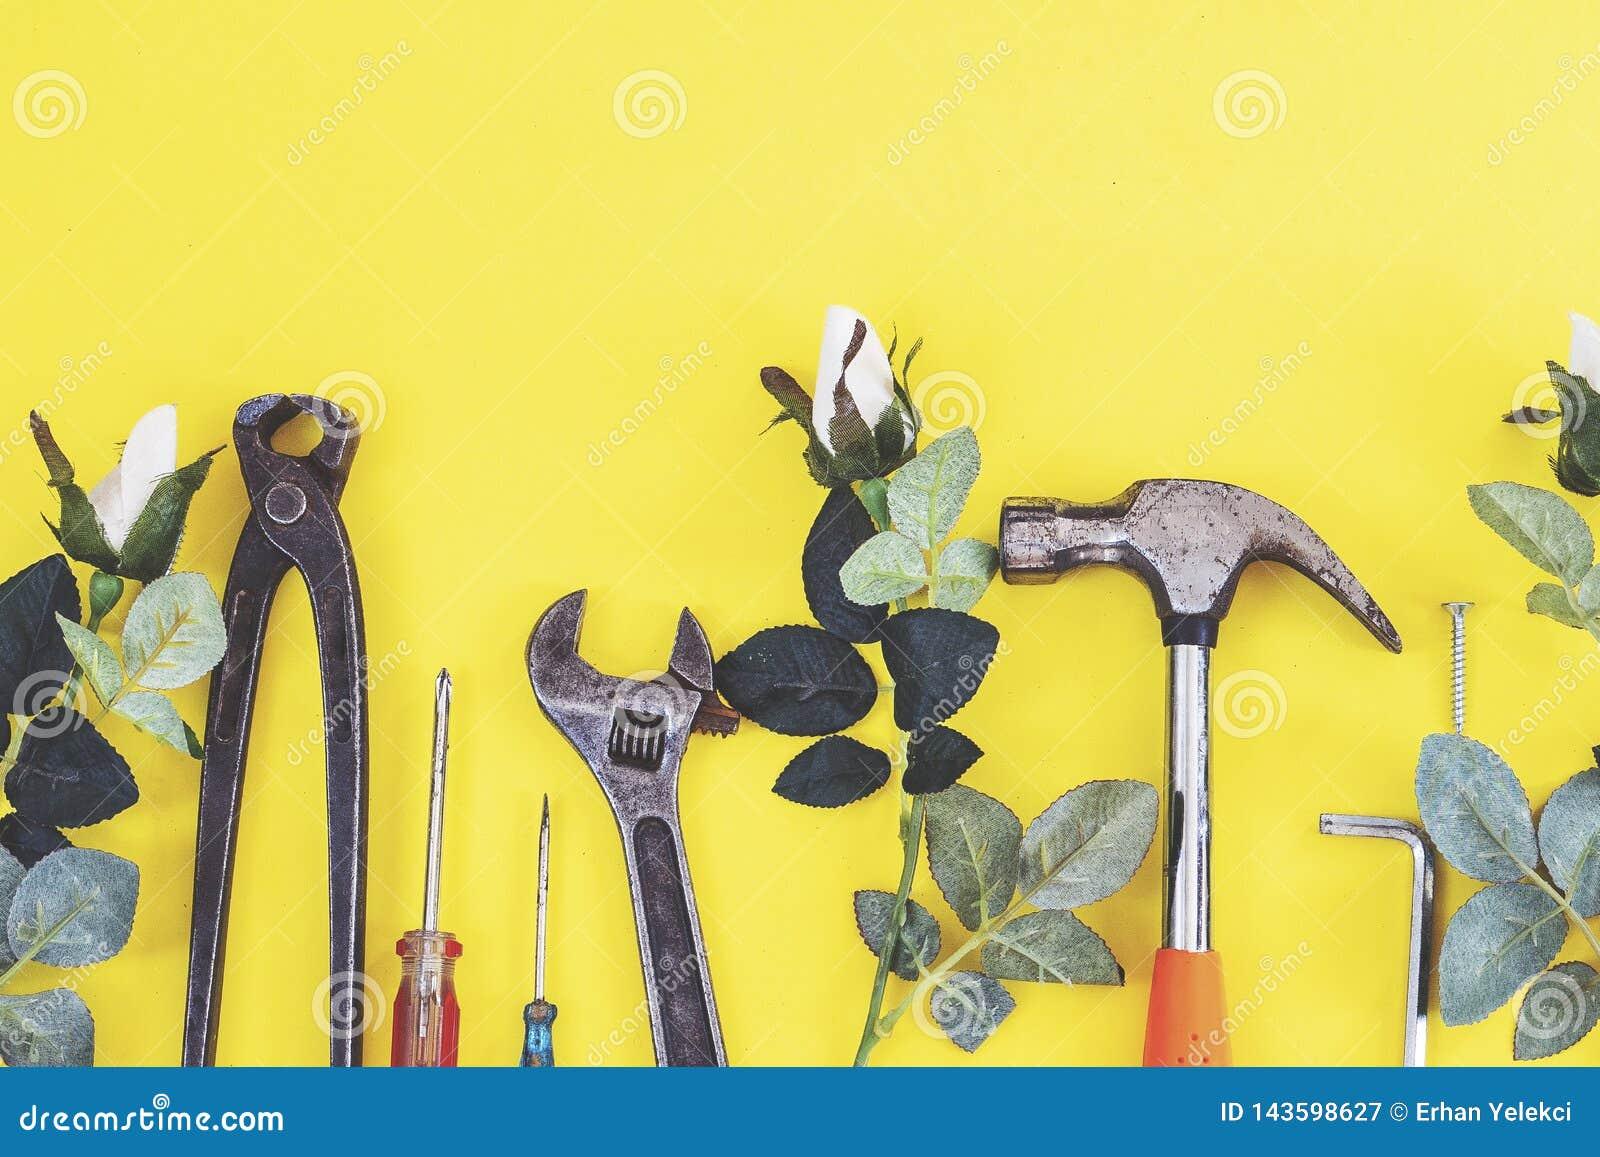 De aannemershulpmiddelen van de moersleutelingenieur op een denimarbeiders, de gele achtergrond van A met de hulpmiddelen van de